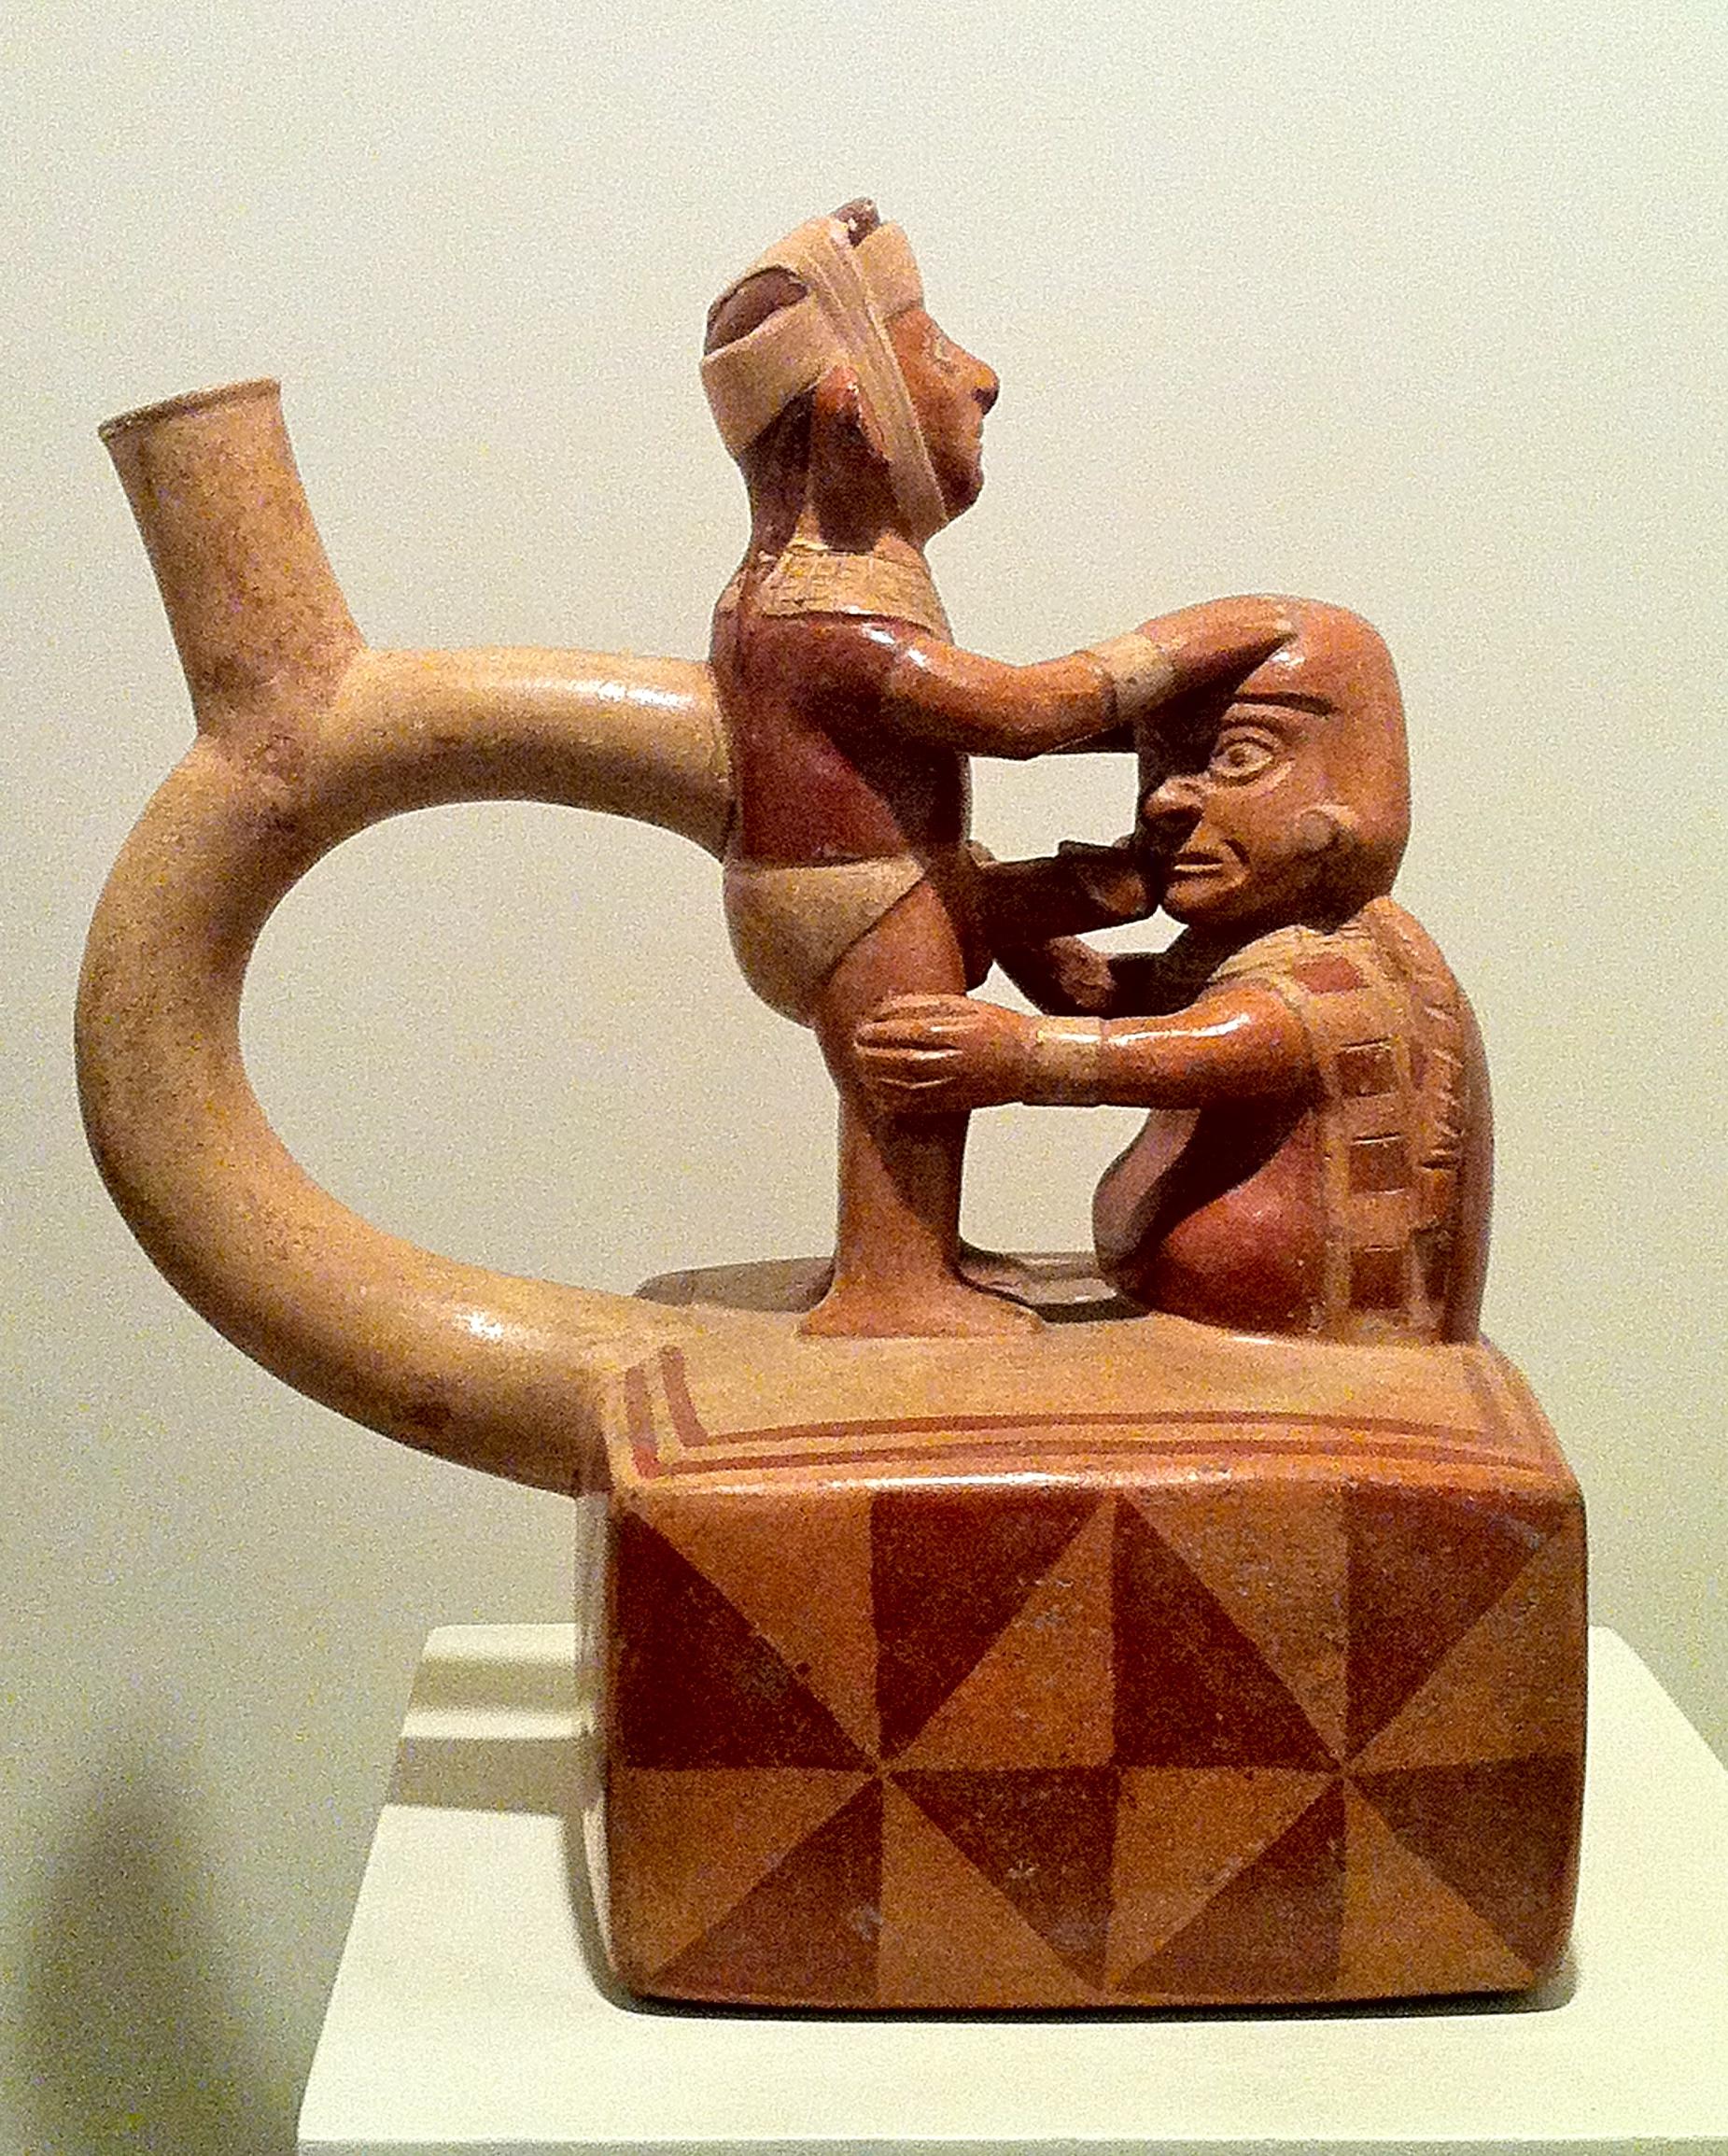 Allez, au goulot - époque précolombienne